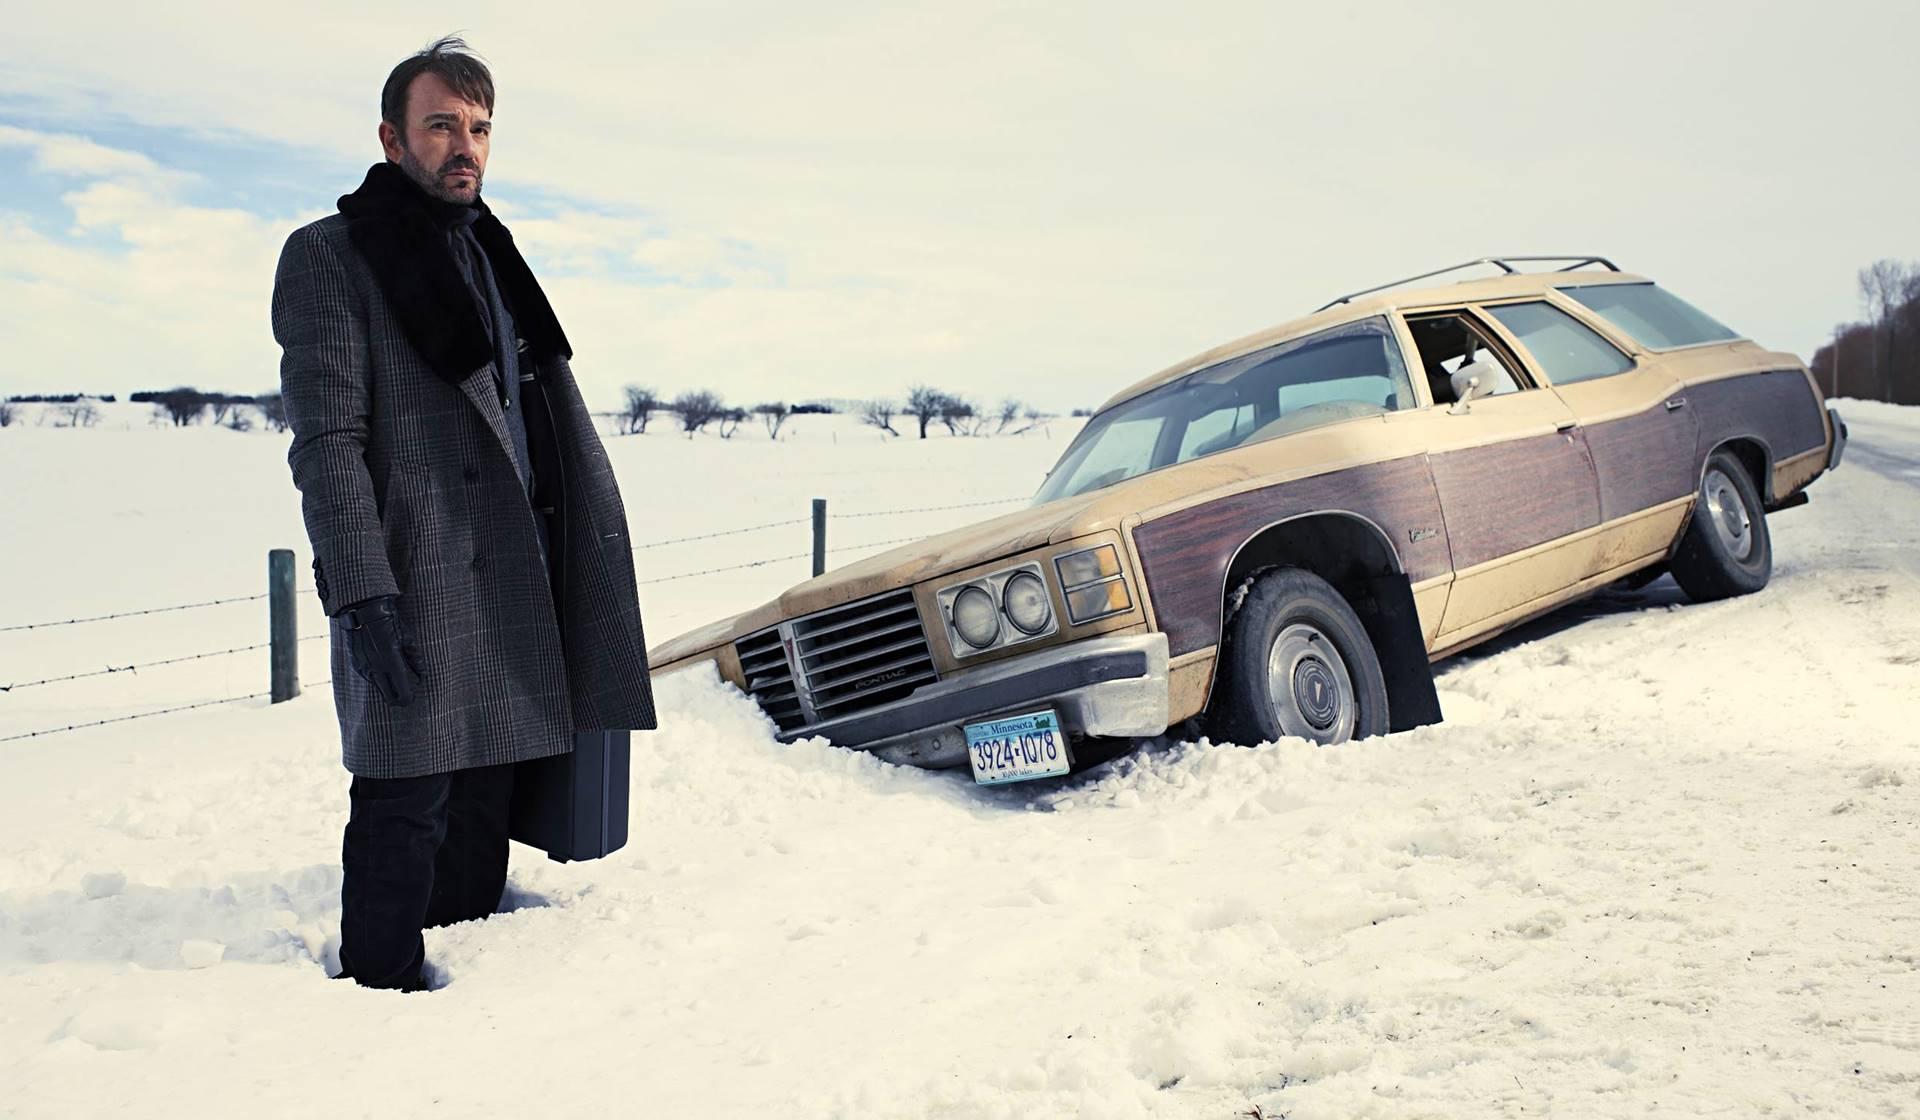 Películas de las que surgieron series: Fargo, Psycho y Scream